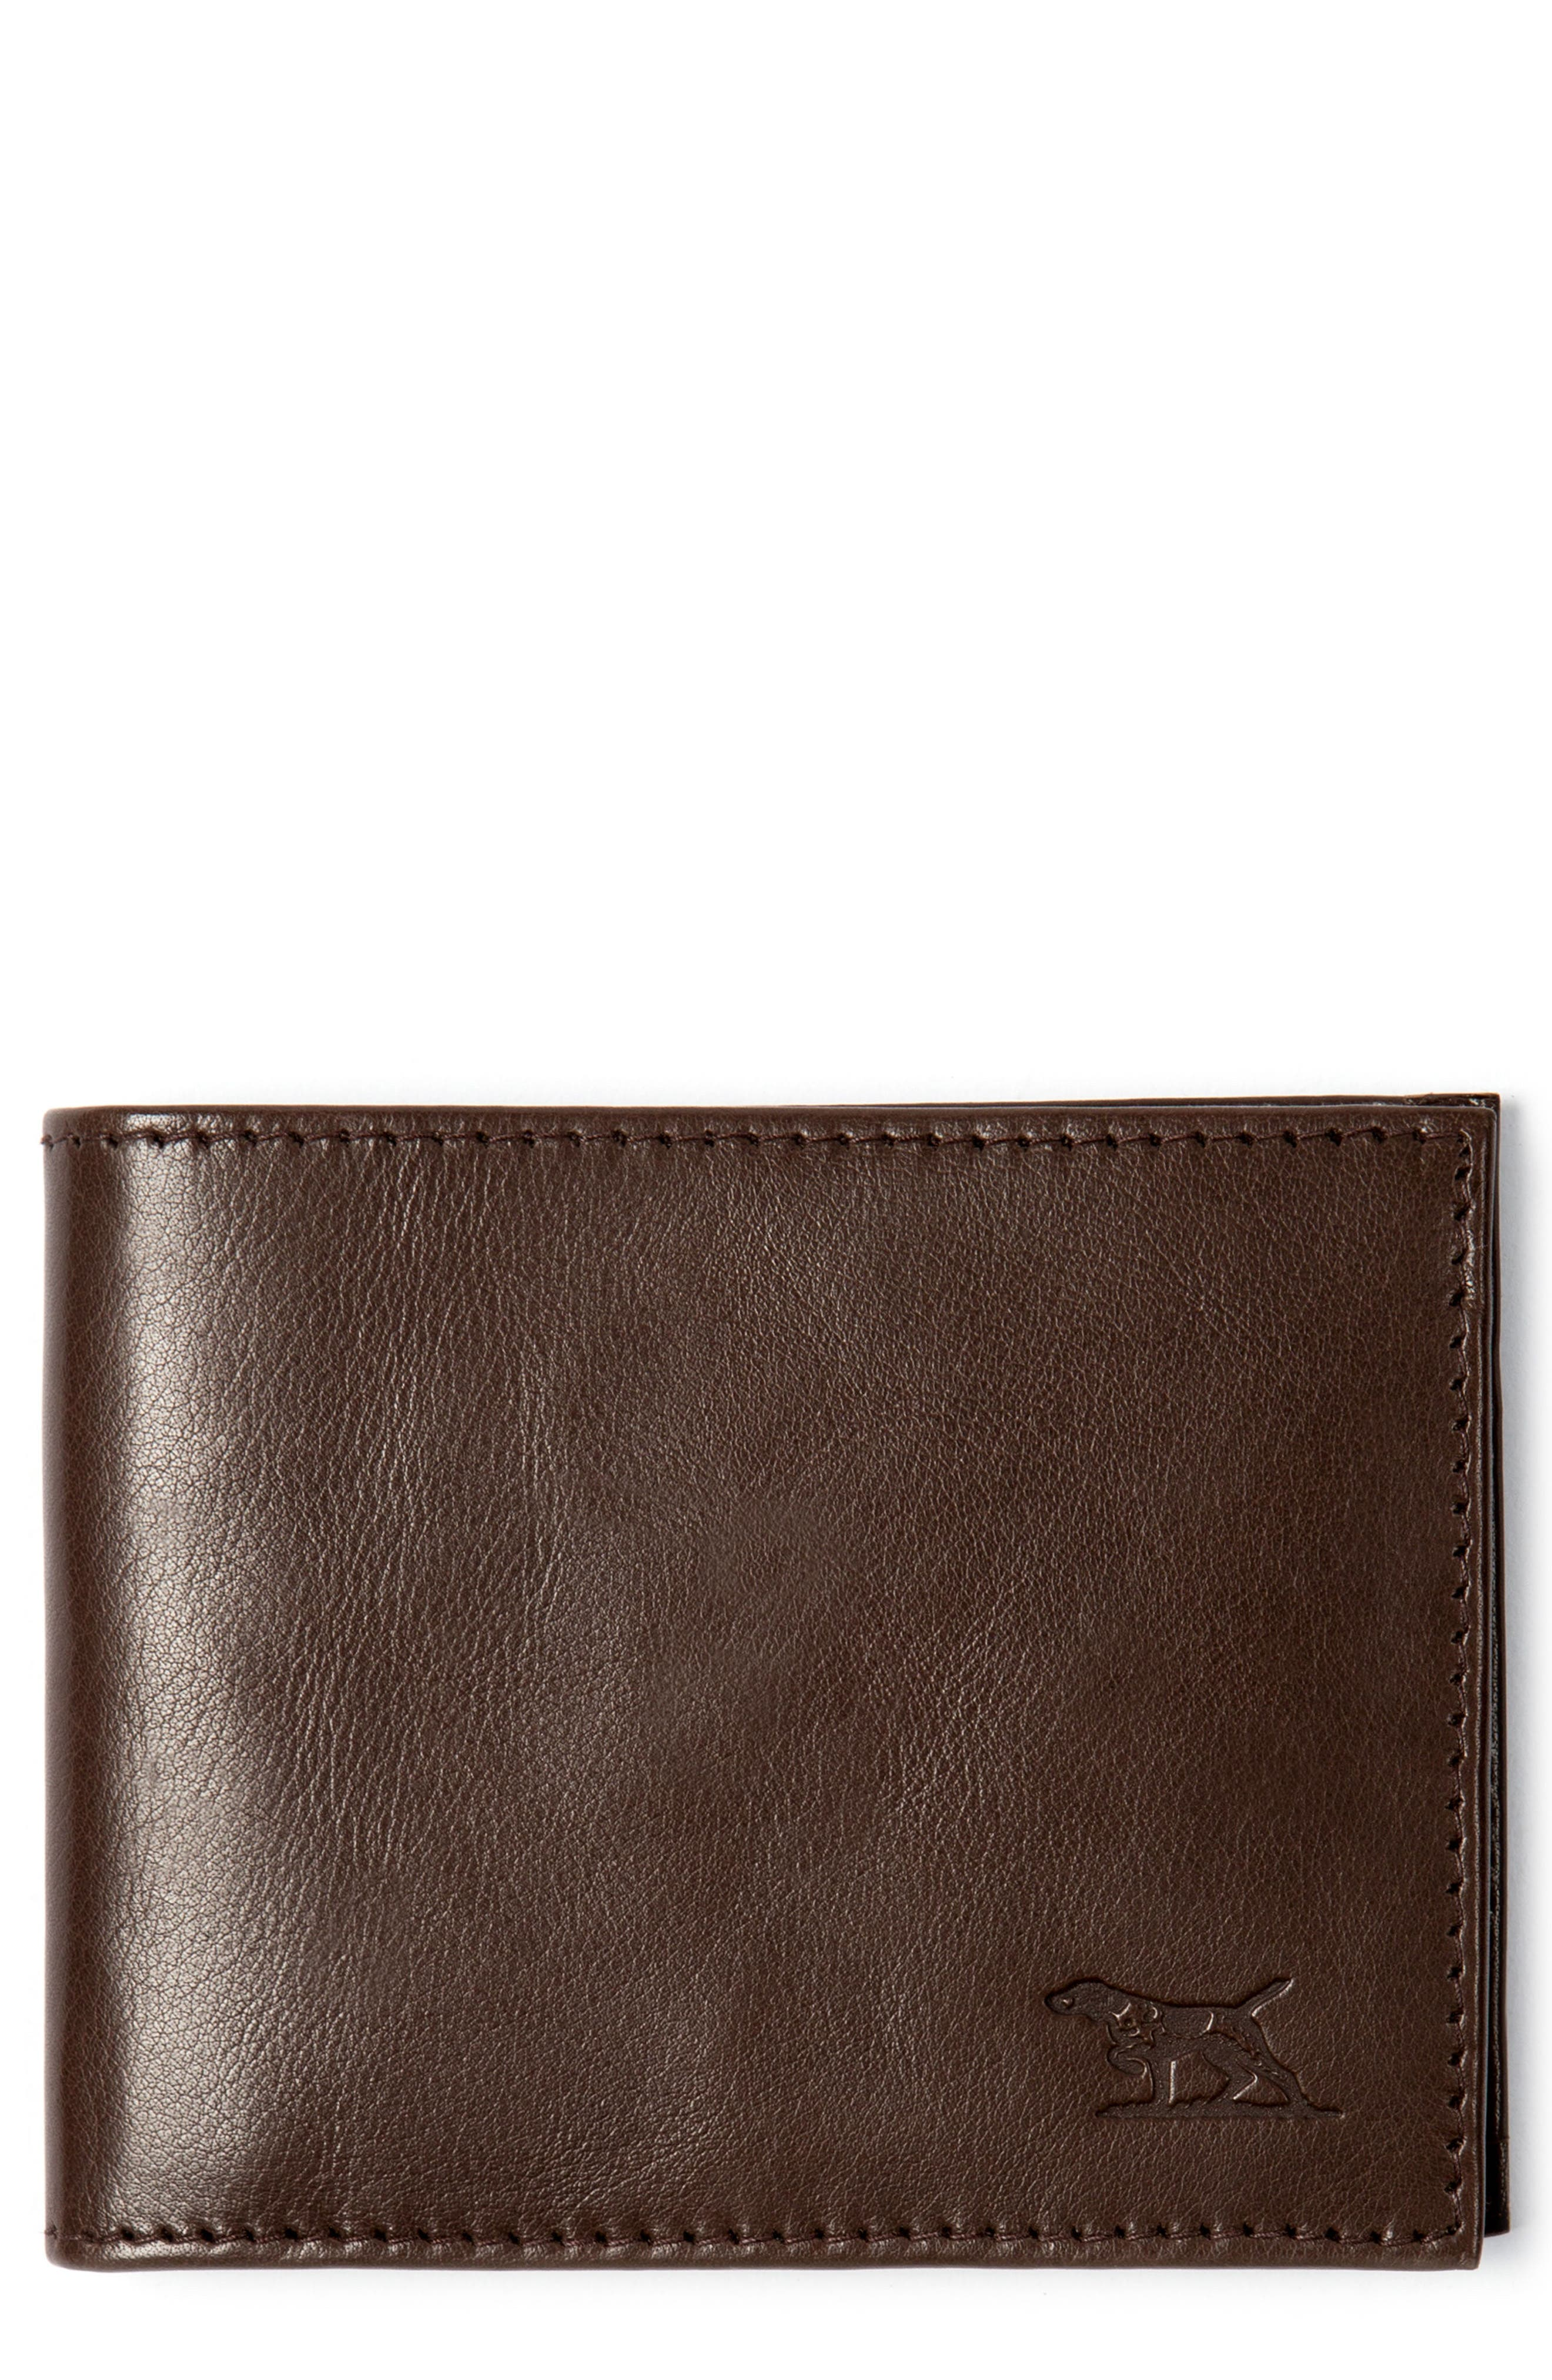 Leeston Wallet,                         Main,                         color, CREEK